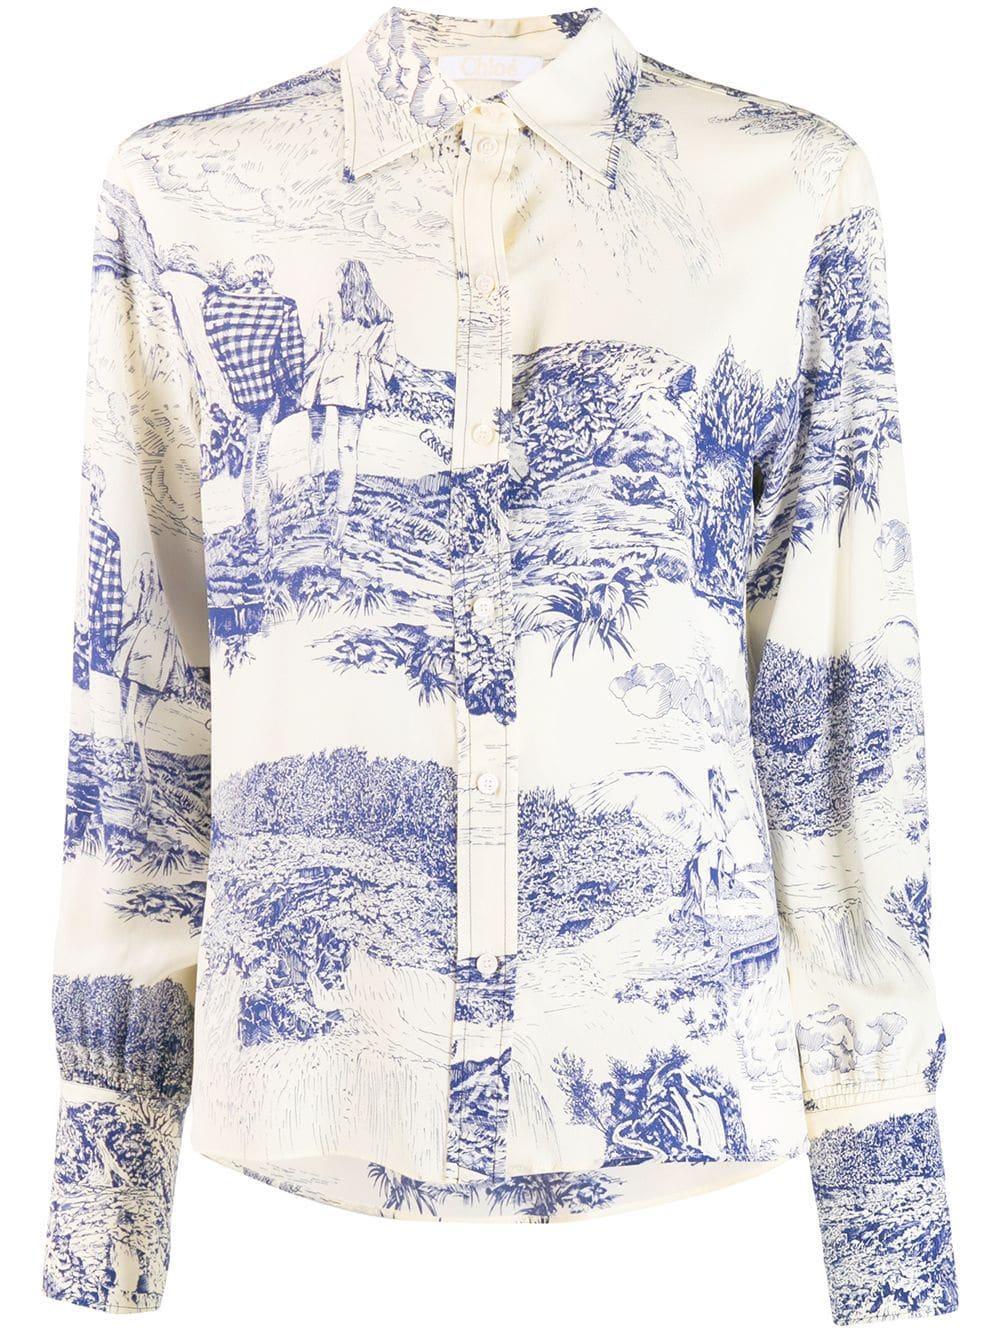 Long Sleeve Toile De Jouy Print Blouse Item # CHC19WHT59338